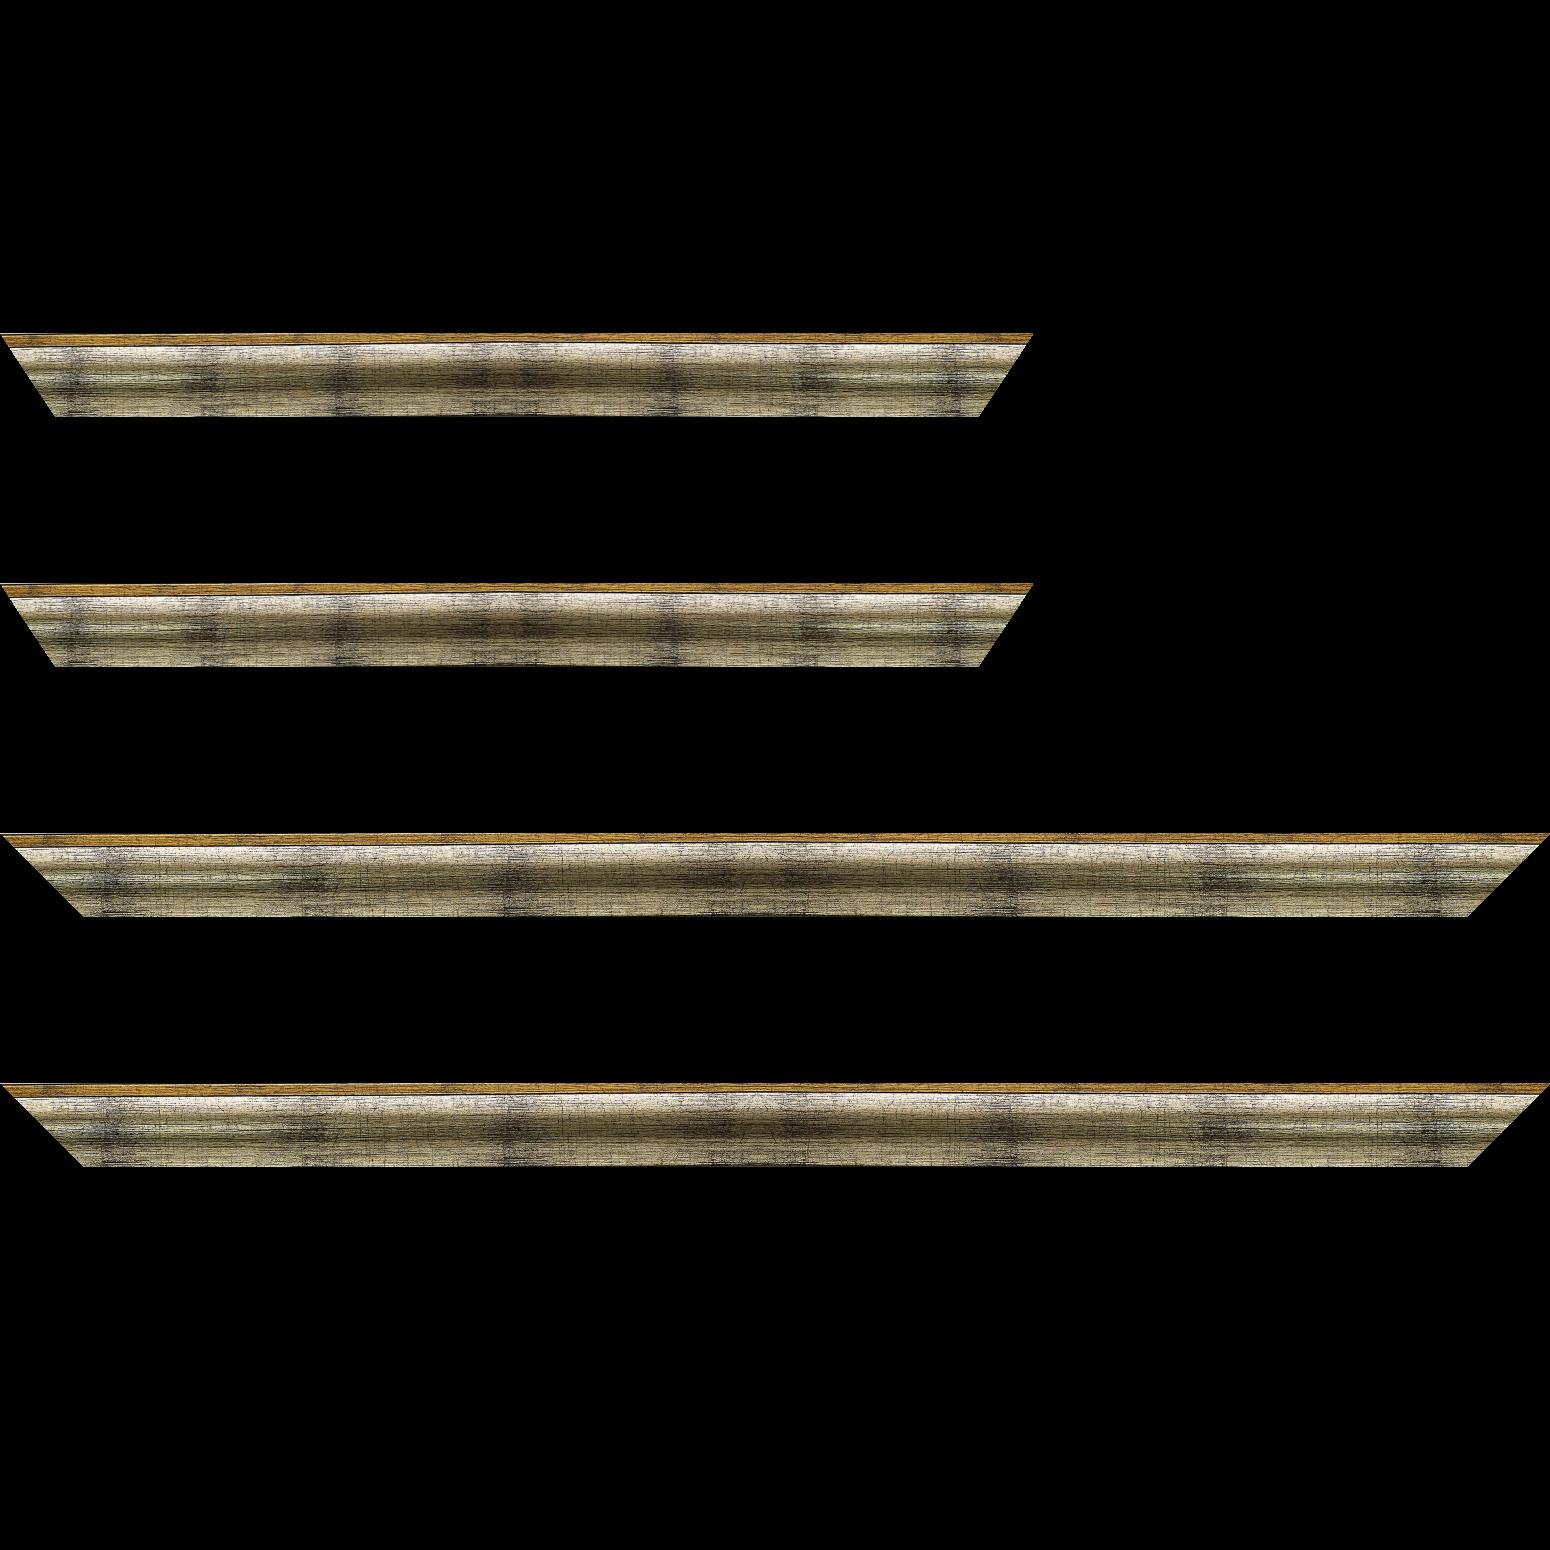 Baguette service précoupé Bois profil arrondi plongeant largeur 2.4cm couleur argent chaud effet oxydé filet extérieur or